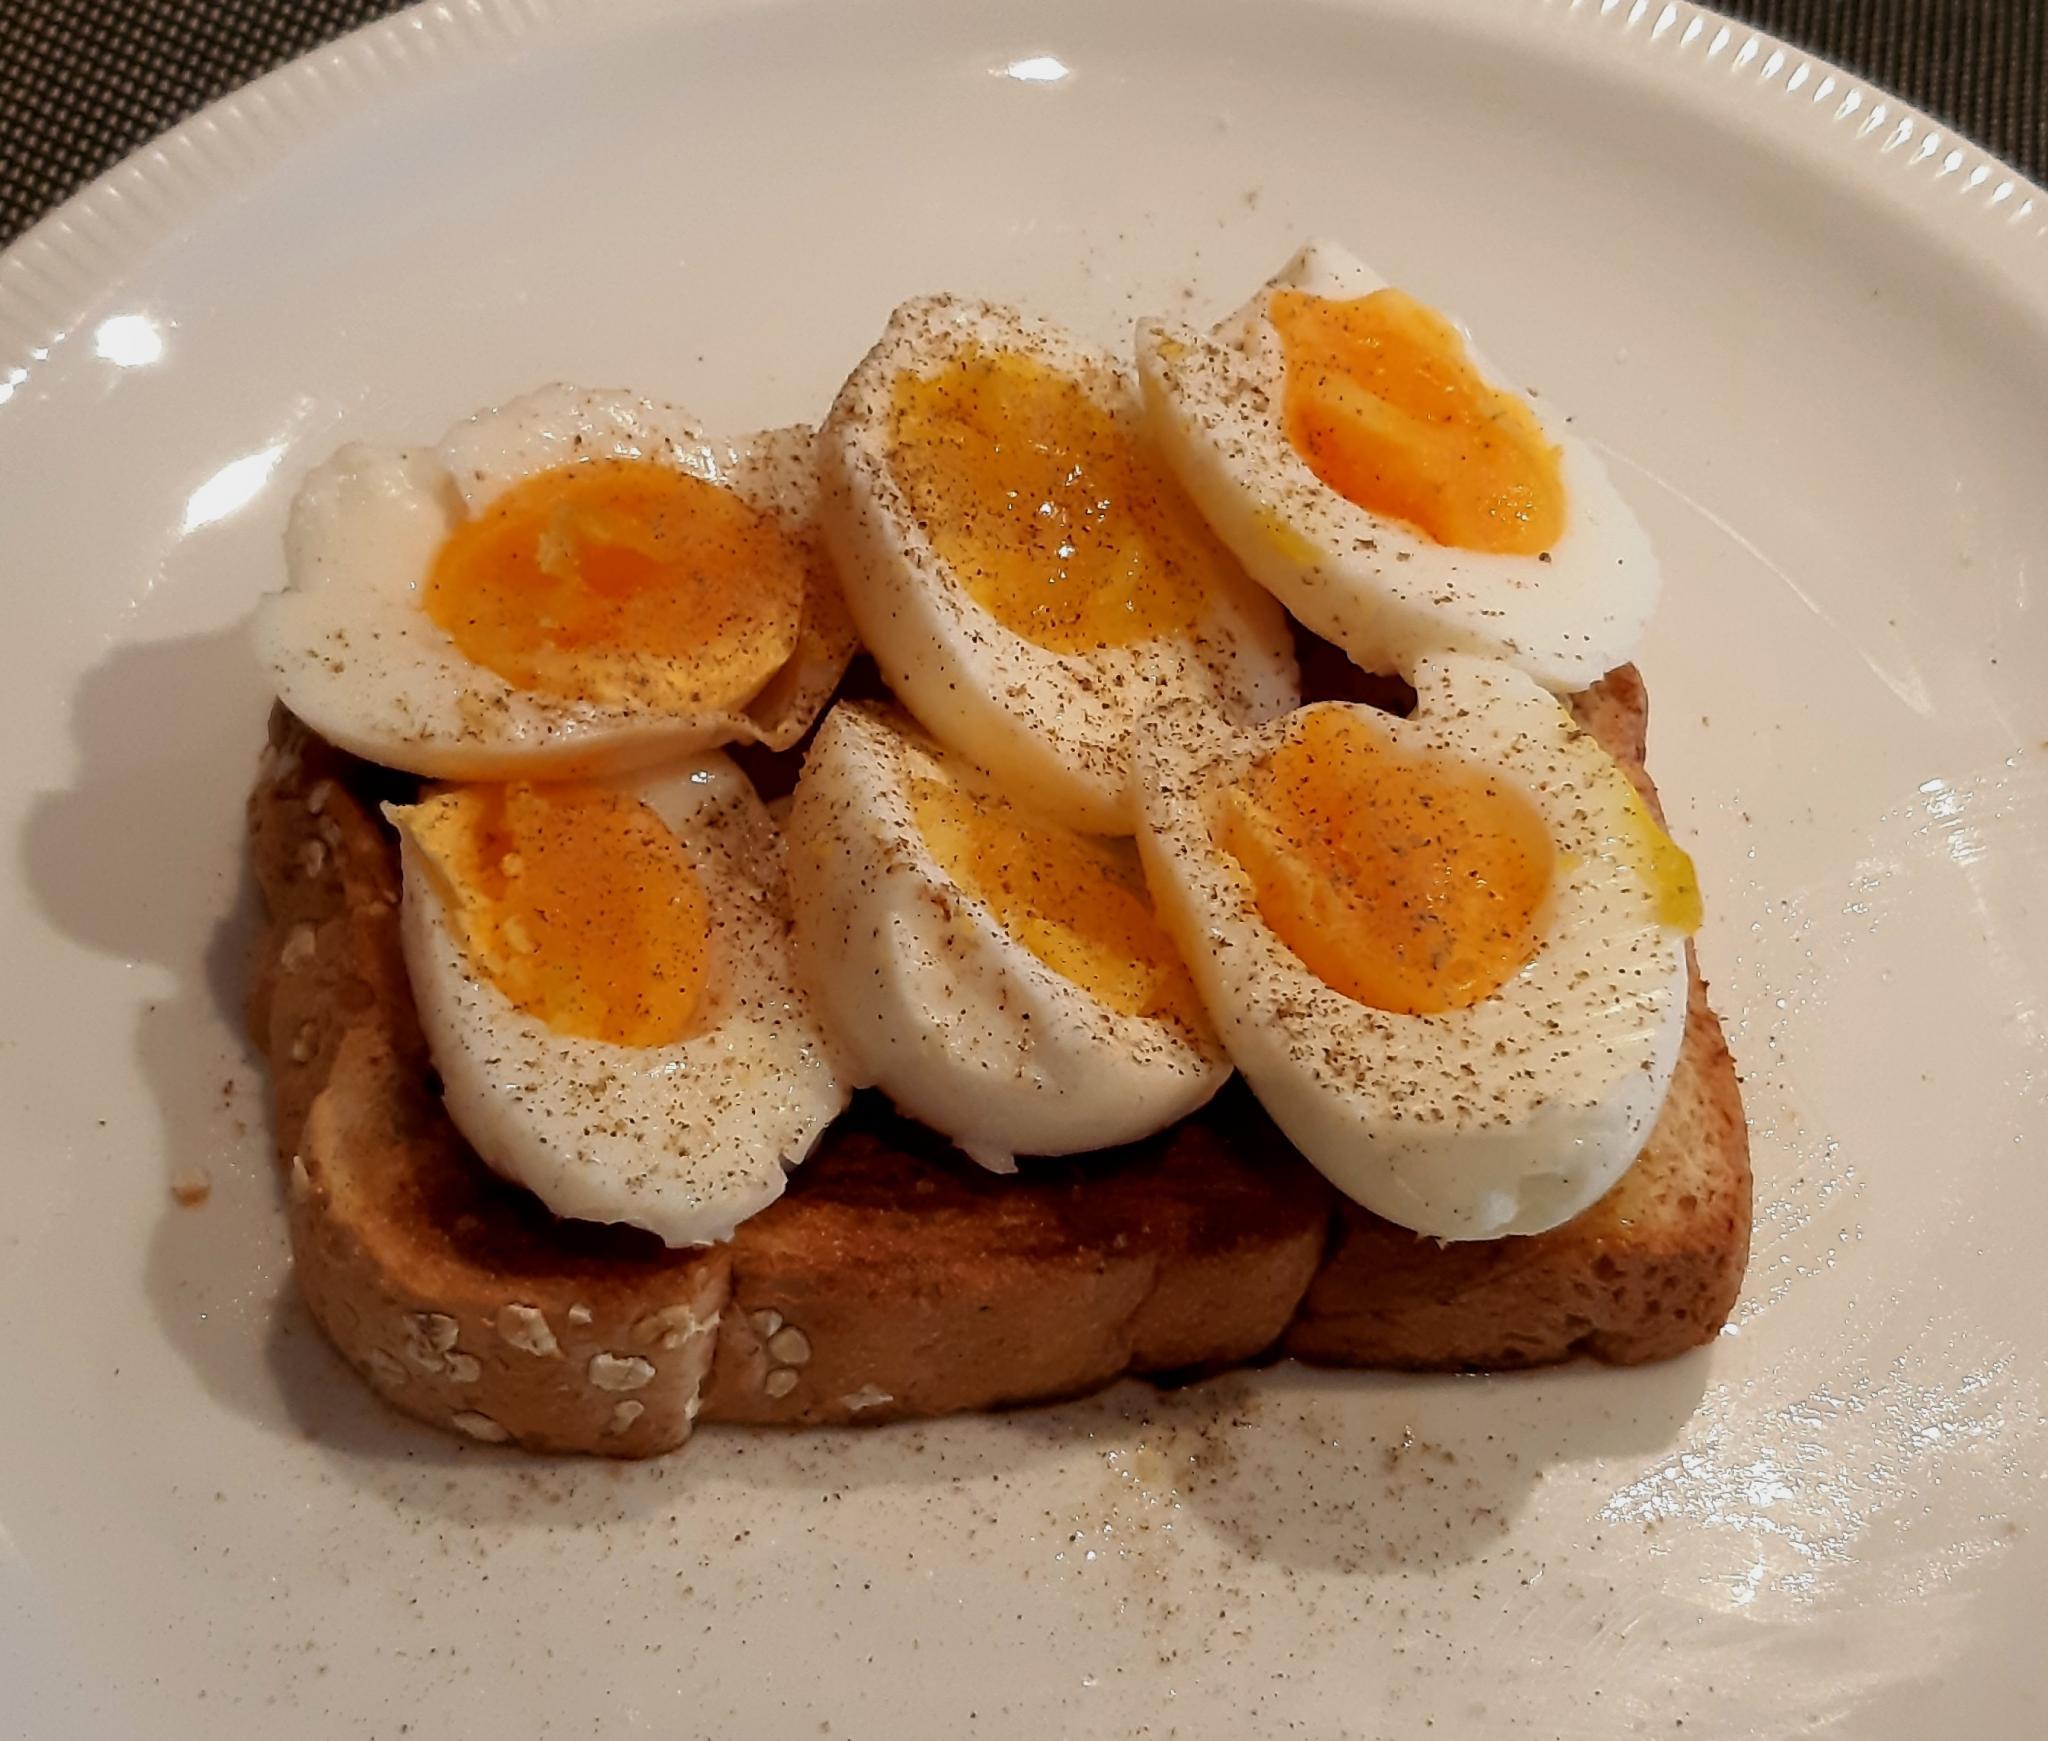 Breakfast-20200311_075319-jpg